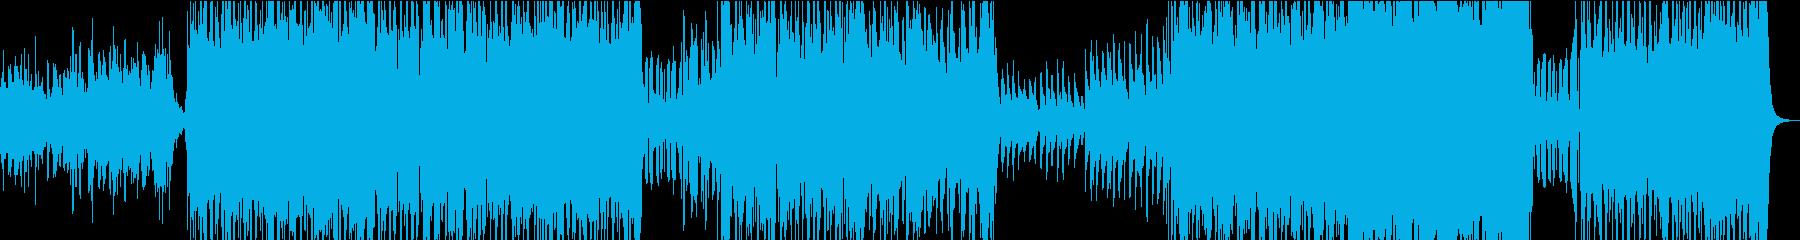 疾走感・ジャズ・軽快な高速ピアノ!!の再生済みの波形